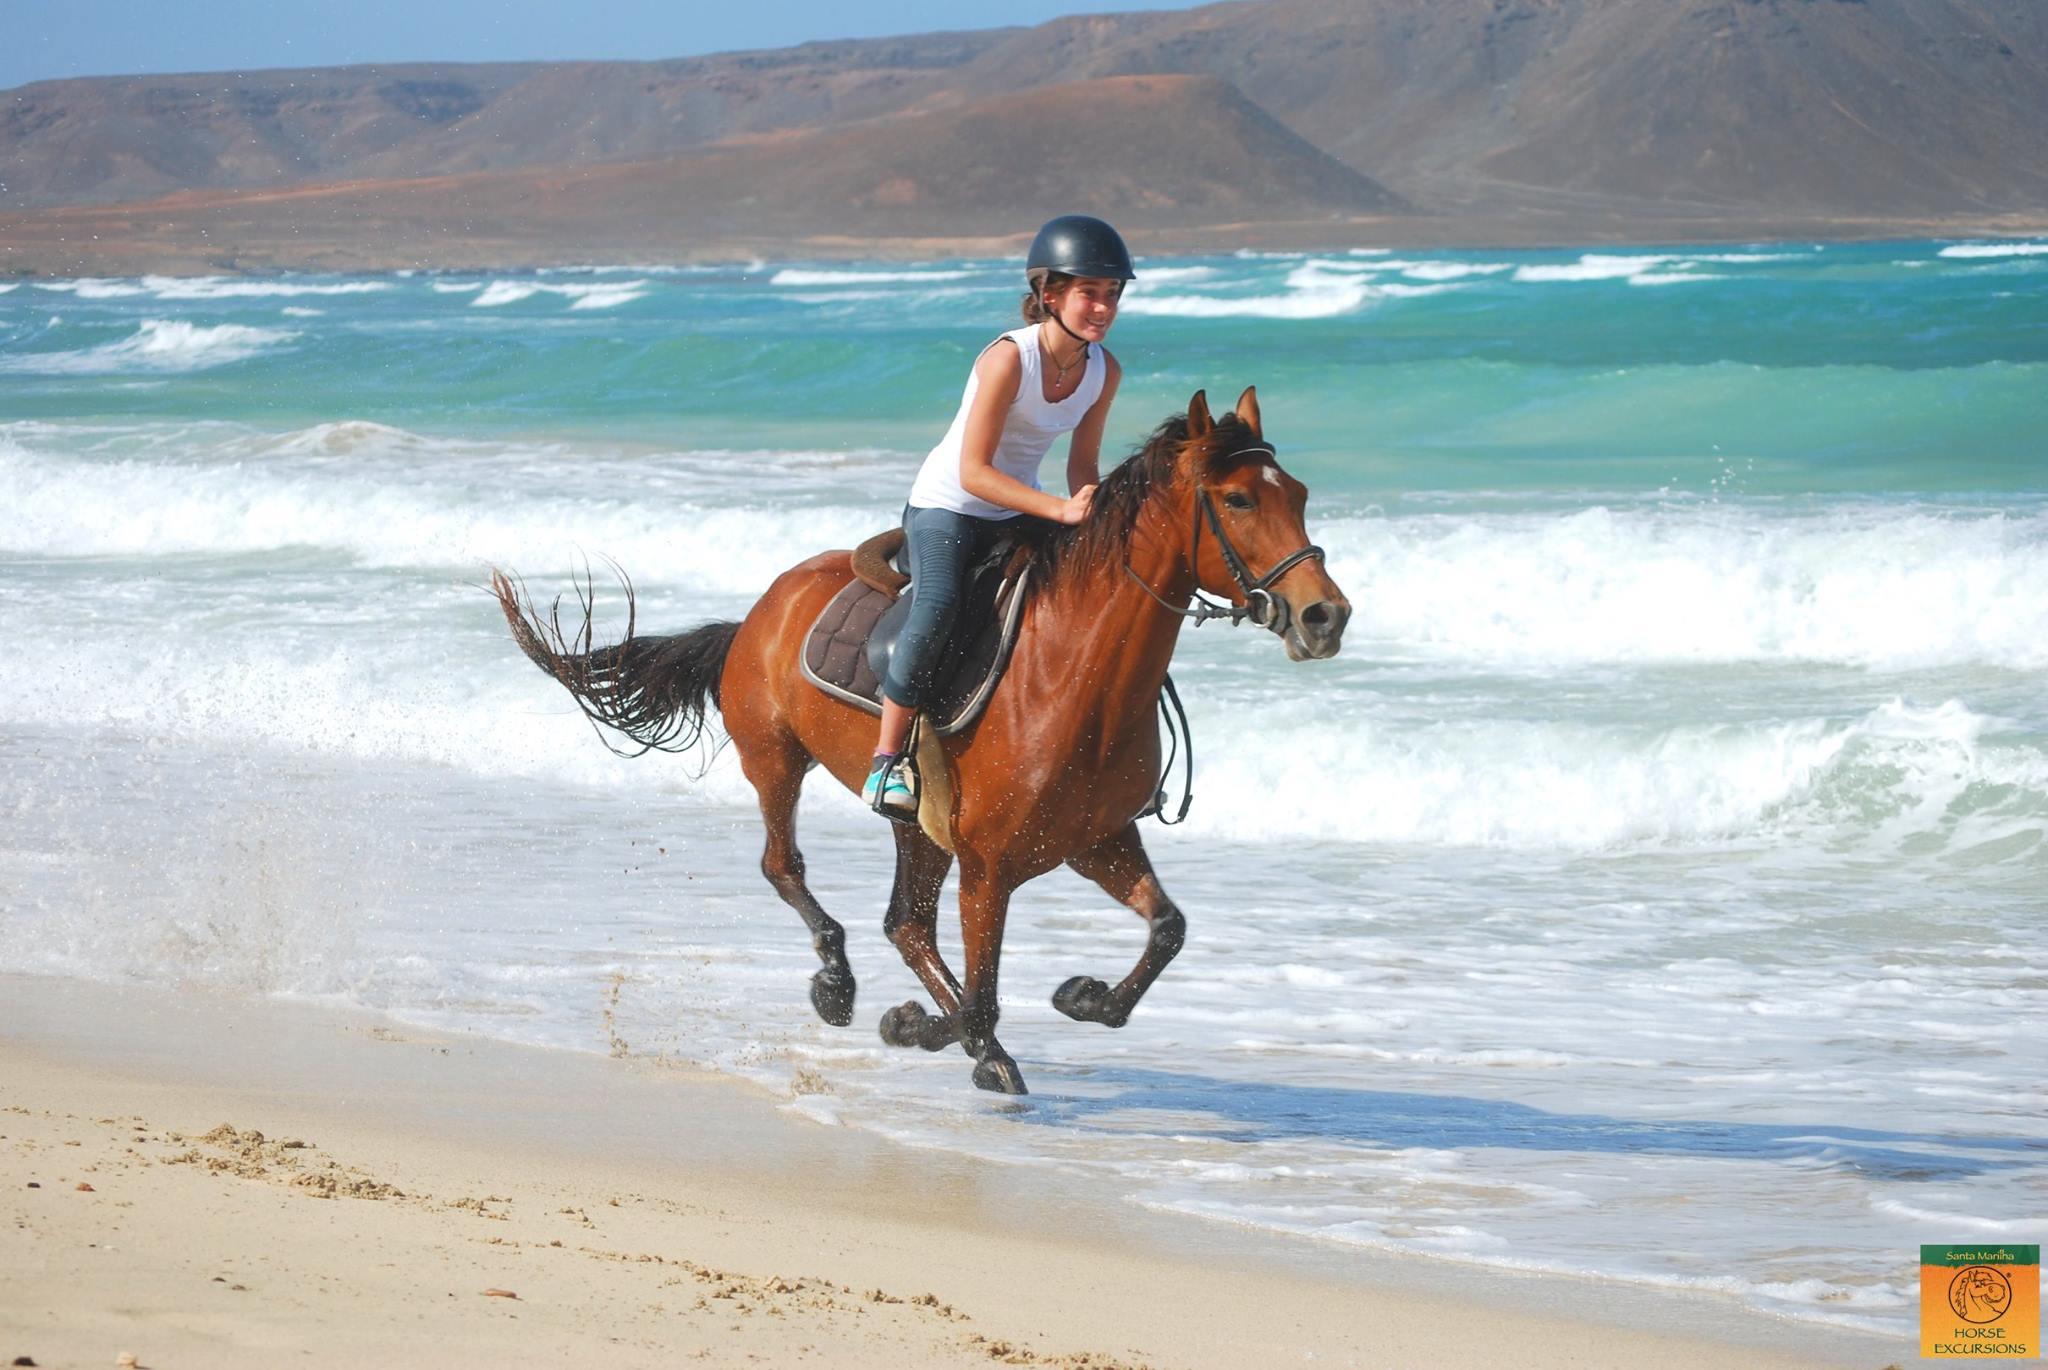 Galloping at Kite Beach